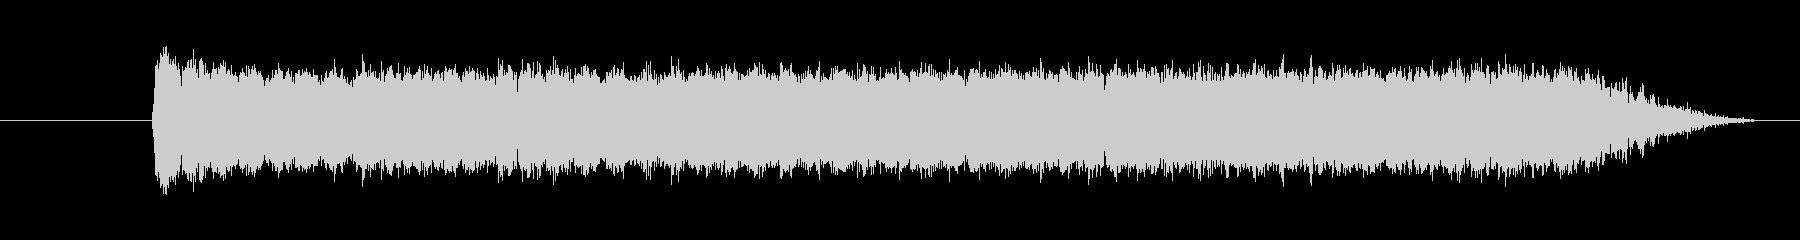 機械 タイルカッター合成04の未再生の波形